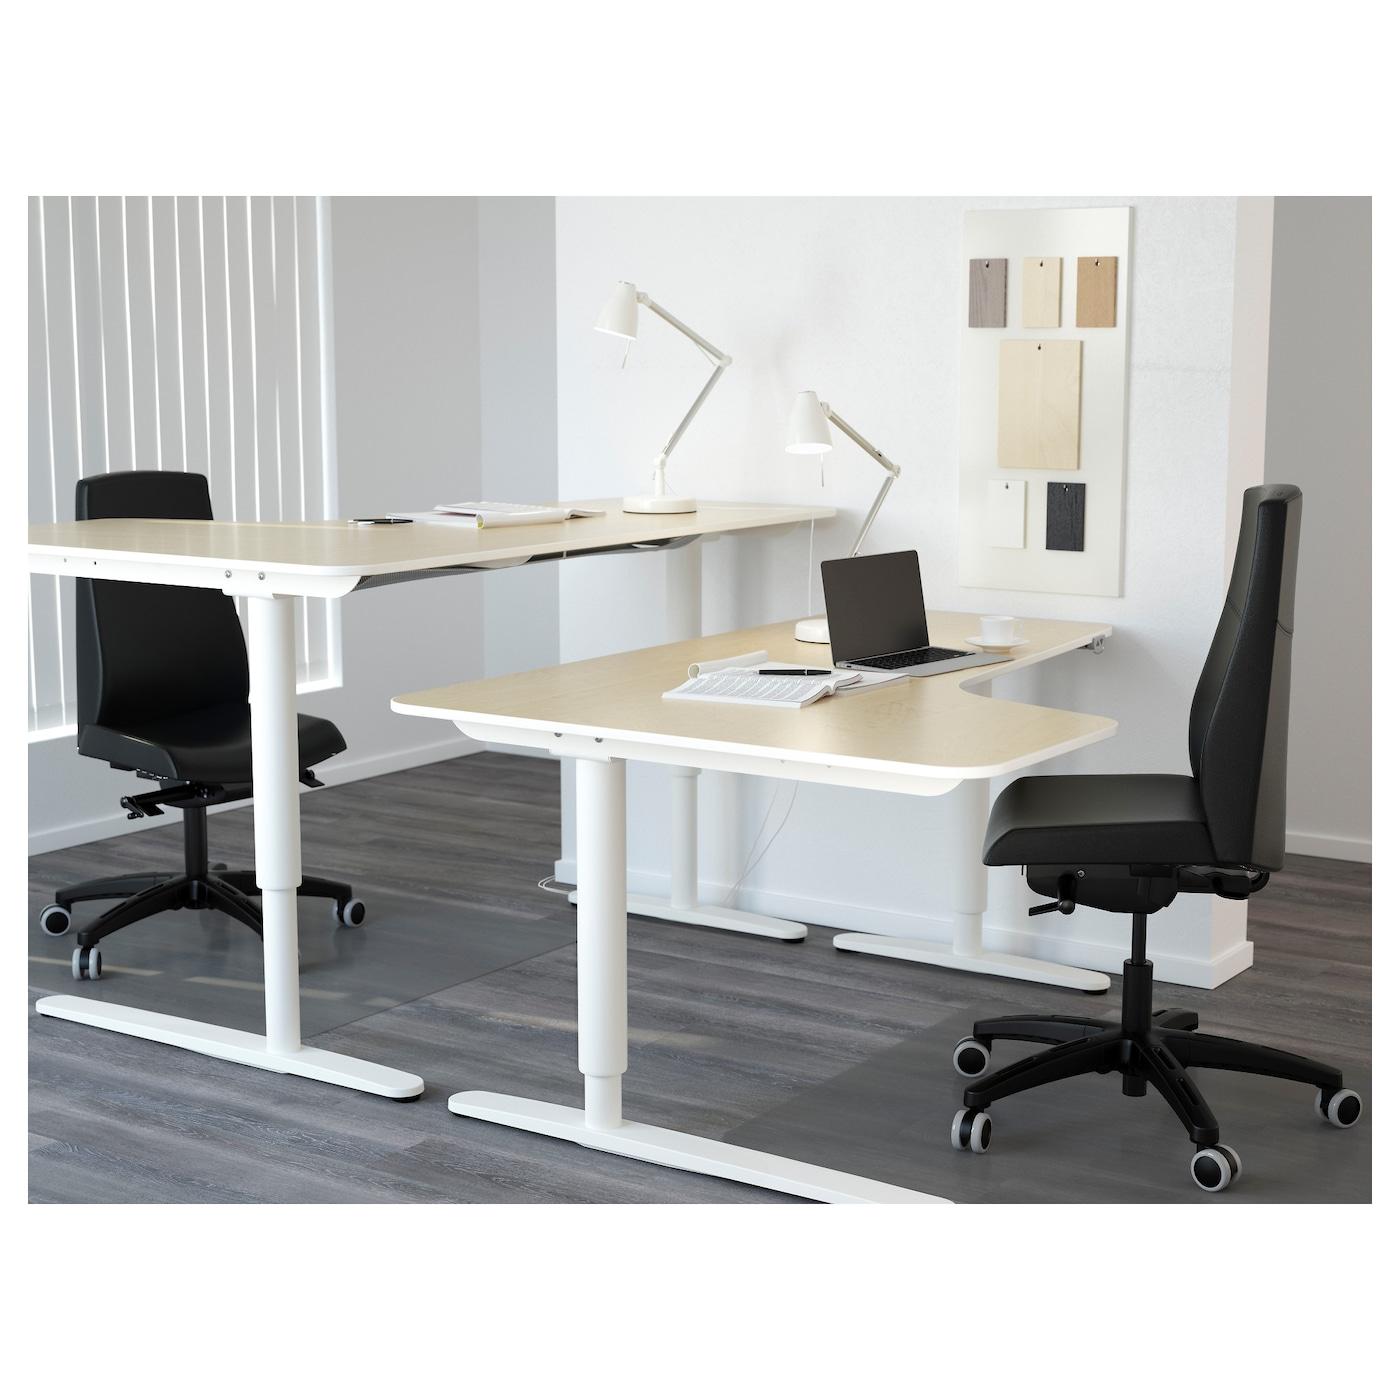 bekant bureau d 39 angle gch assis debout plaqu bouleau blanc 160x110 cm ikea. Black Bedroom Furniture Sets. Home Design Ideas